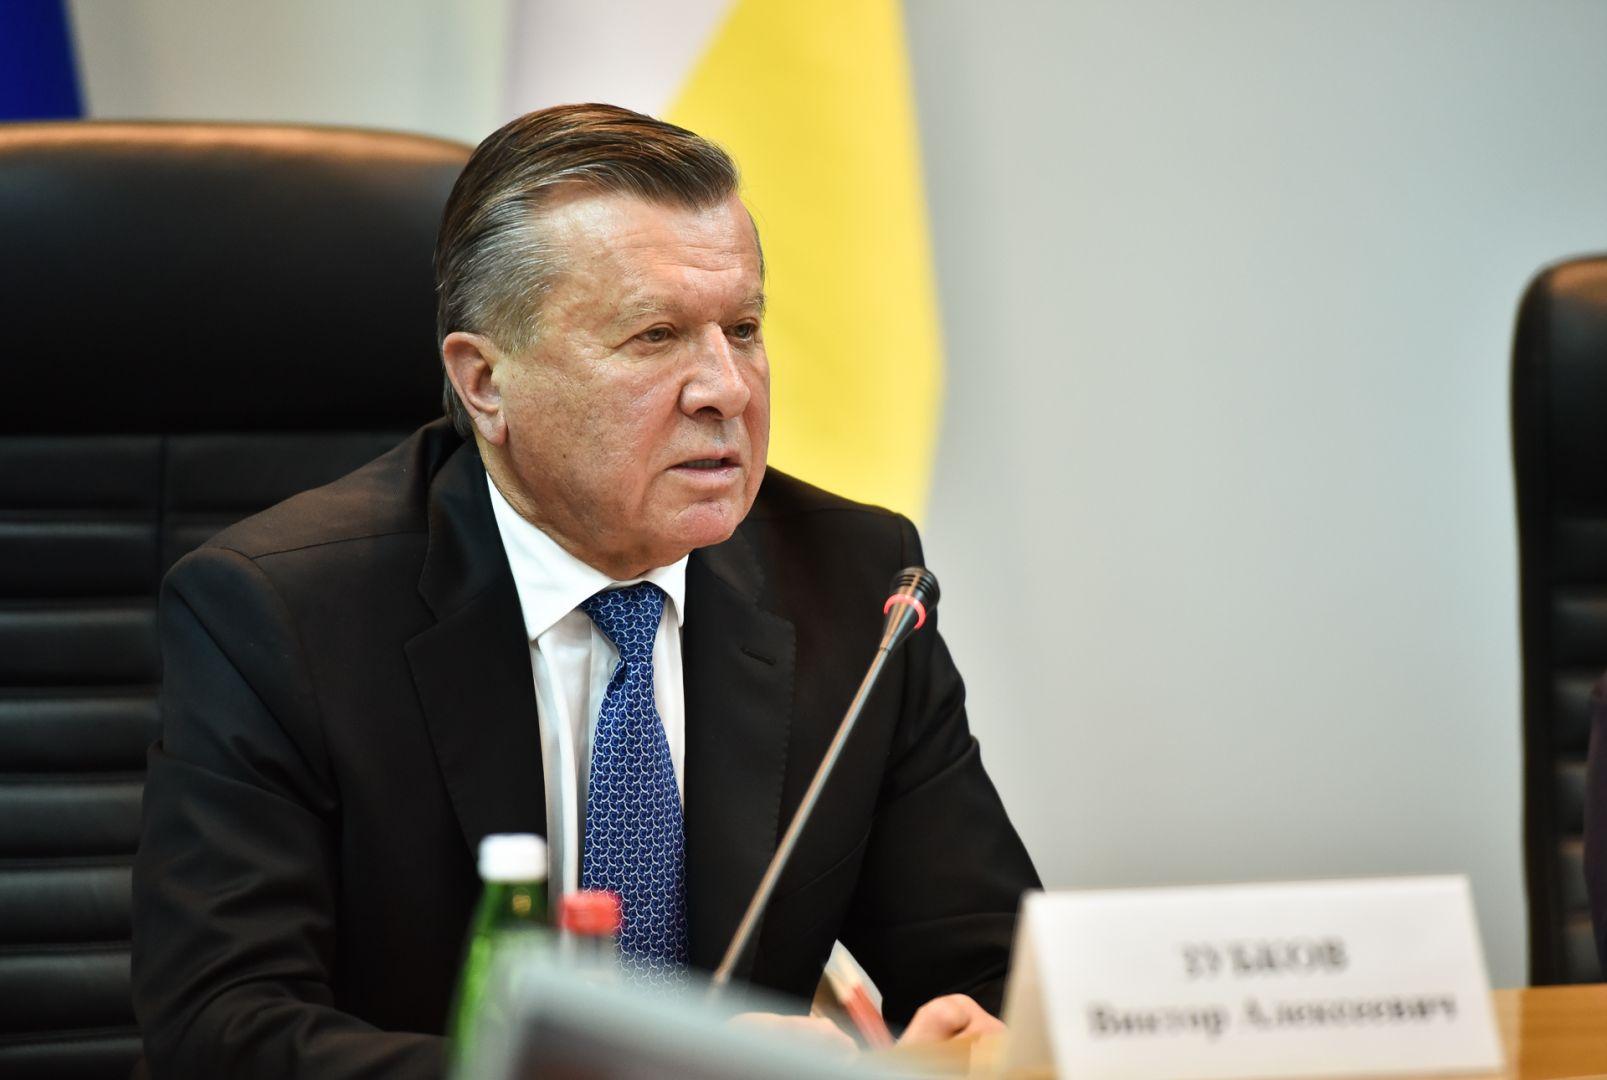 Председатель Совета директоров «Газпрома» назвал Ставрополье одним из самых газифицированных регионов